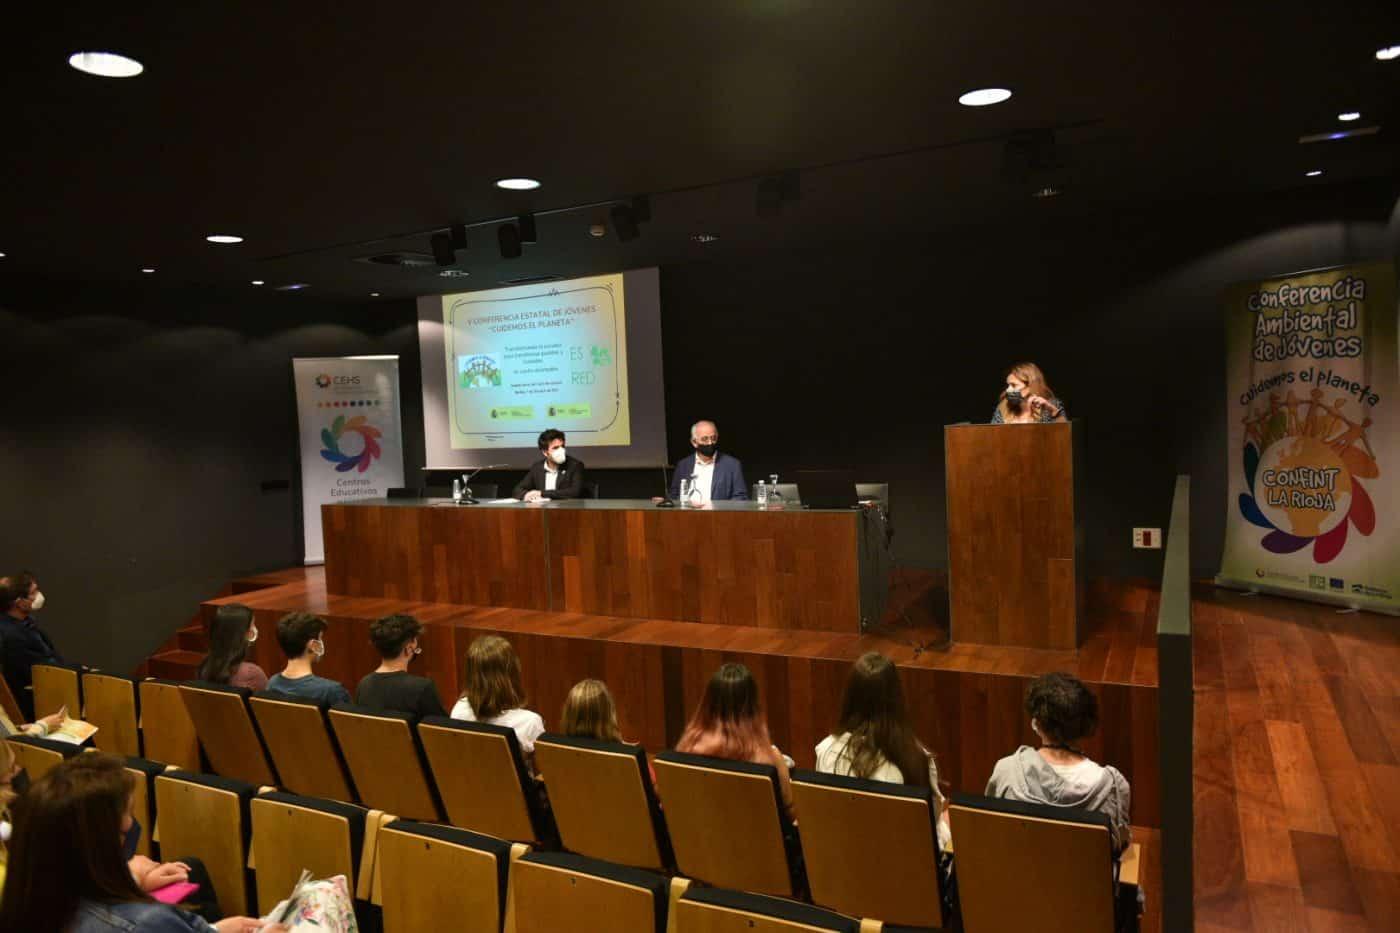 14 alumnos representarán a La Rioja en la V Conferencia de Educación Ambiental Confint 'Cuidemos el Planeta' 1